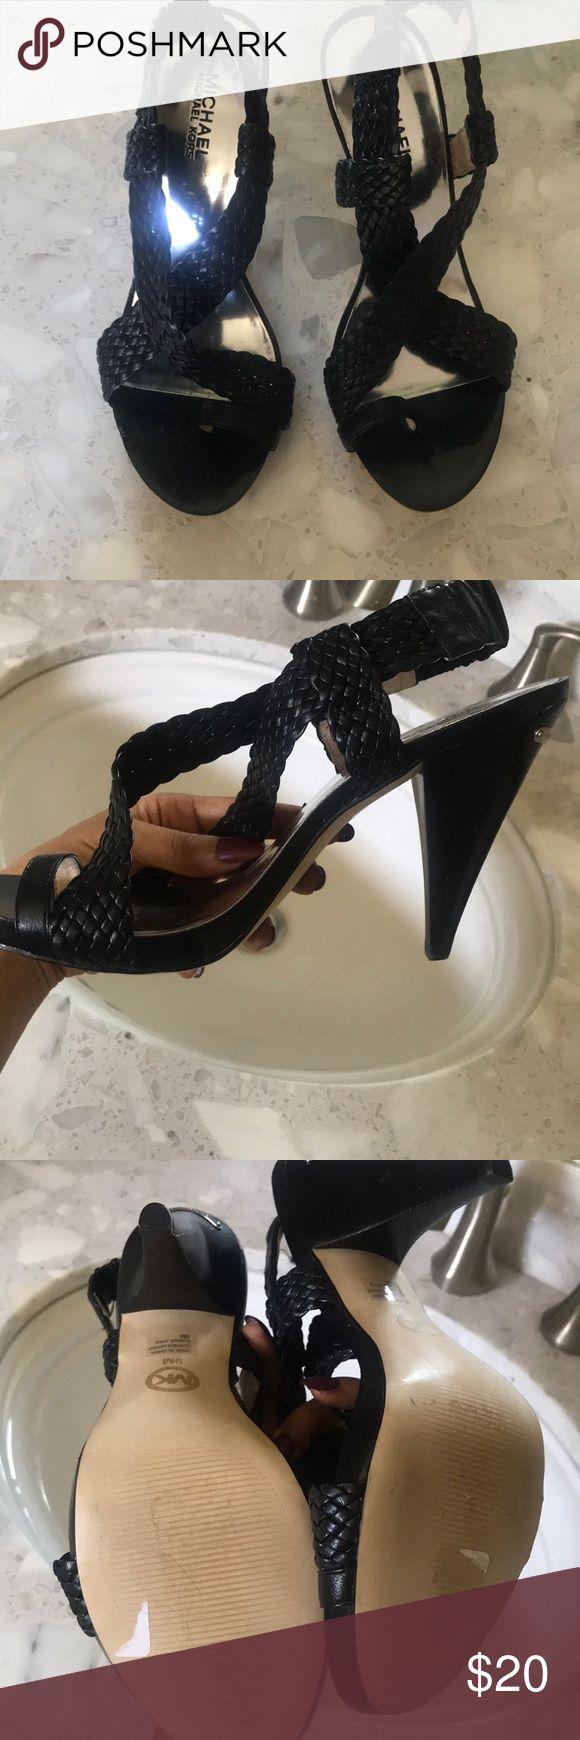 Women's never been worn Michael Kors heels! Black sandals can dress up or down Michael Kors Shoes Heels